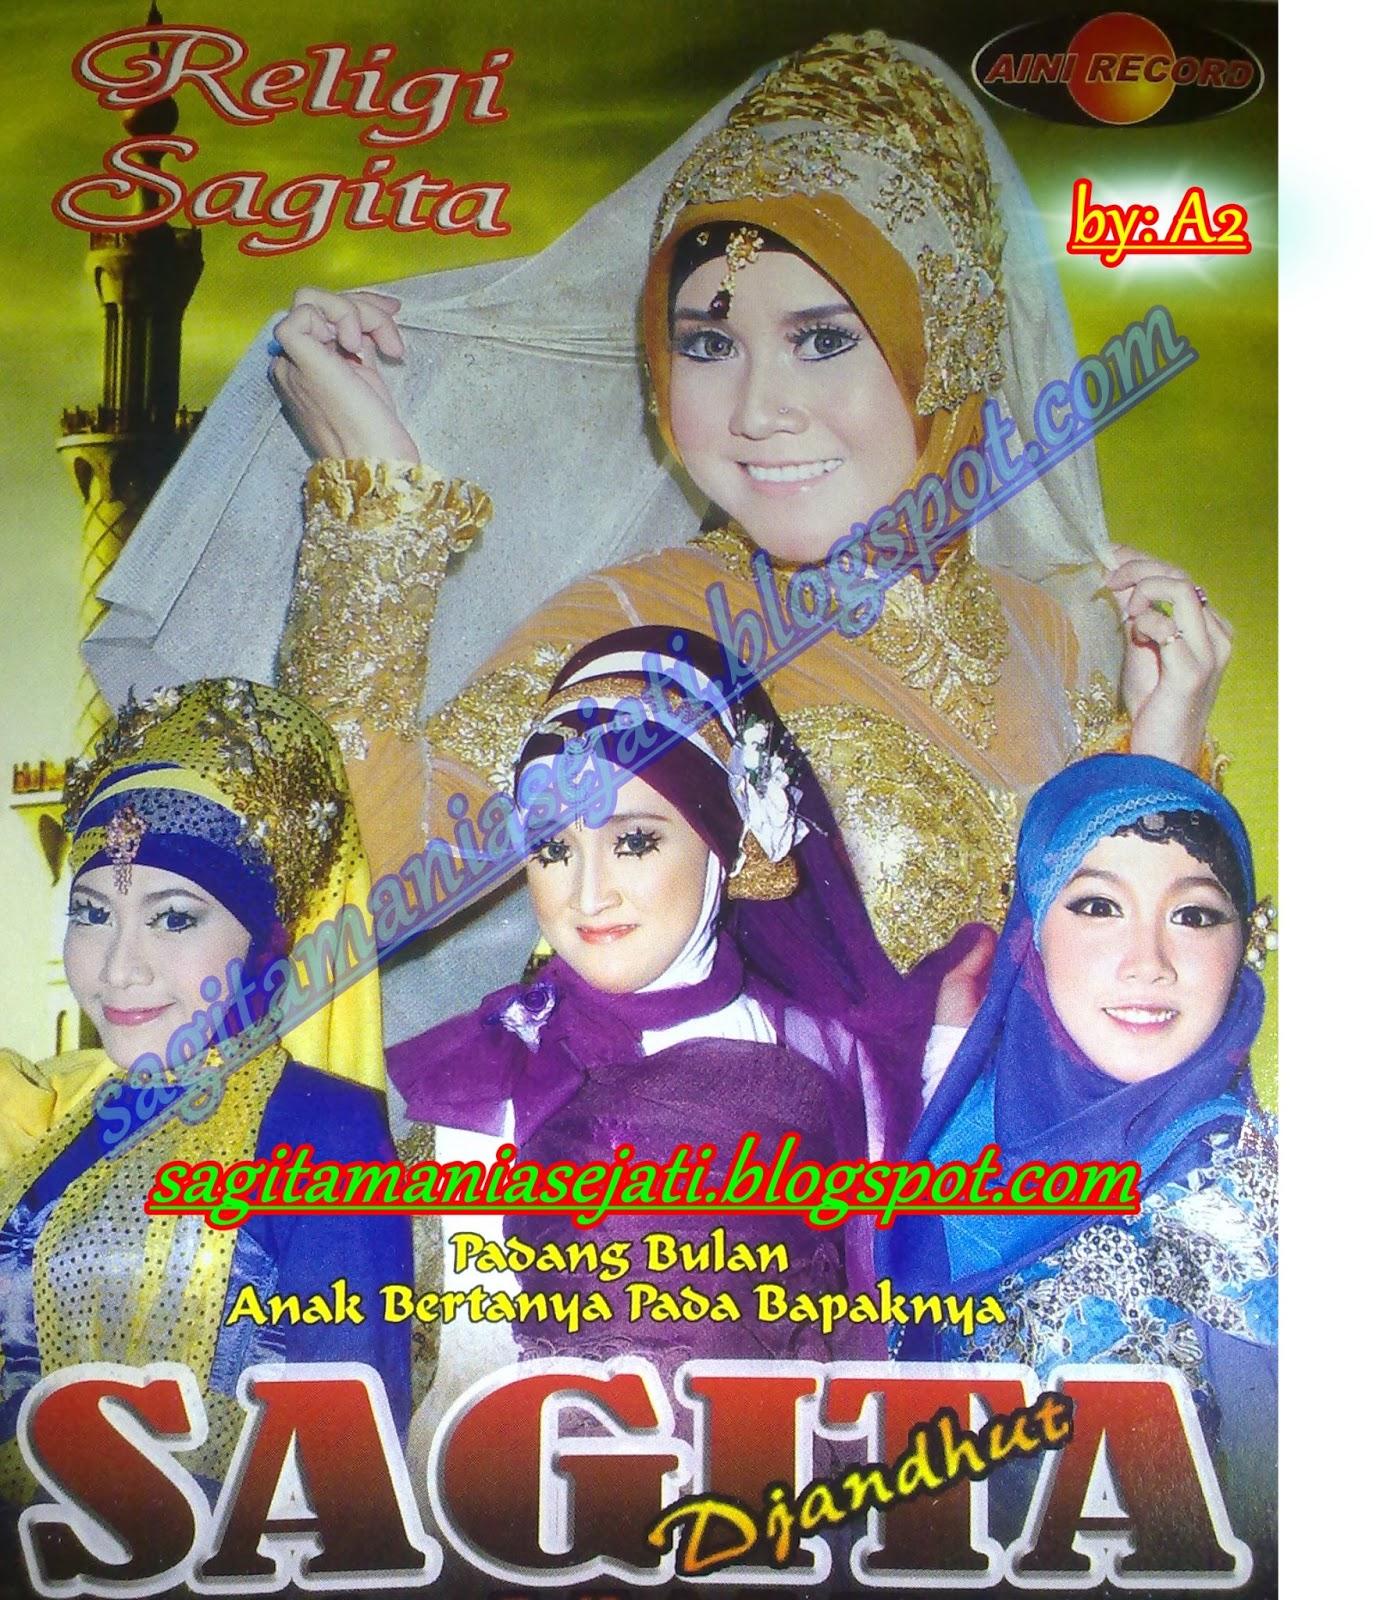 Download Lagu Goyang Nasi Padang 2: OM Sagita Religi Terbaru Agustus 2013